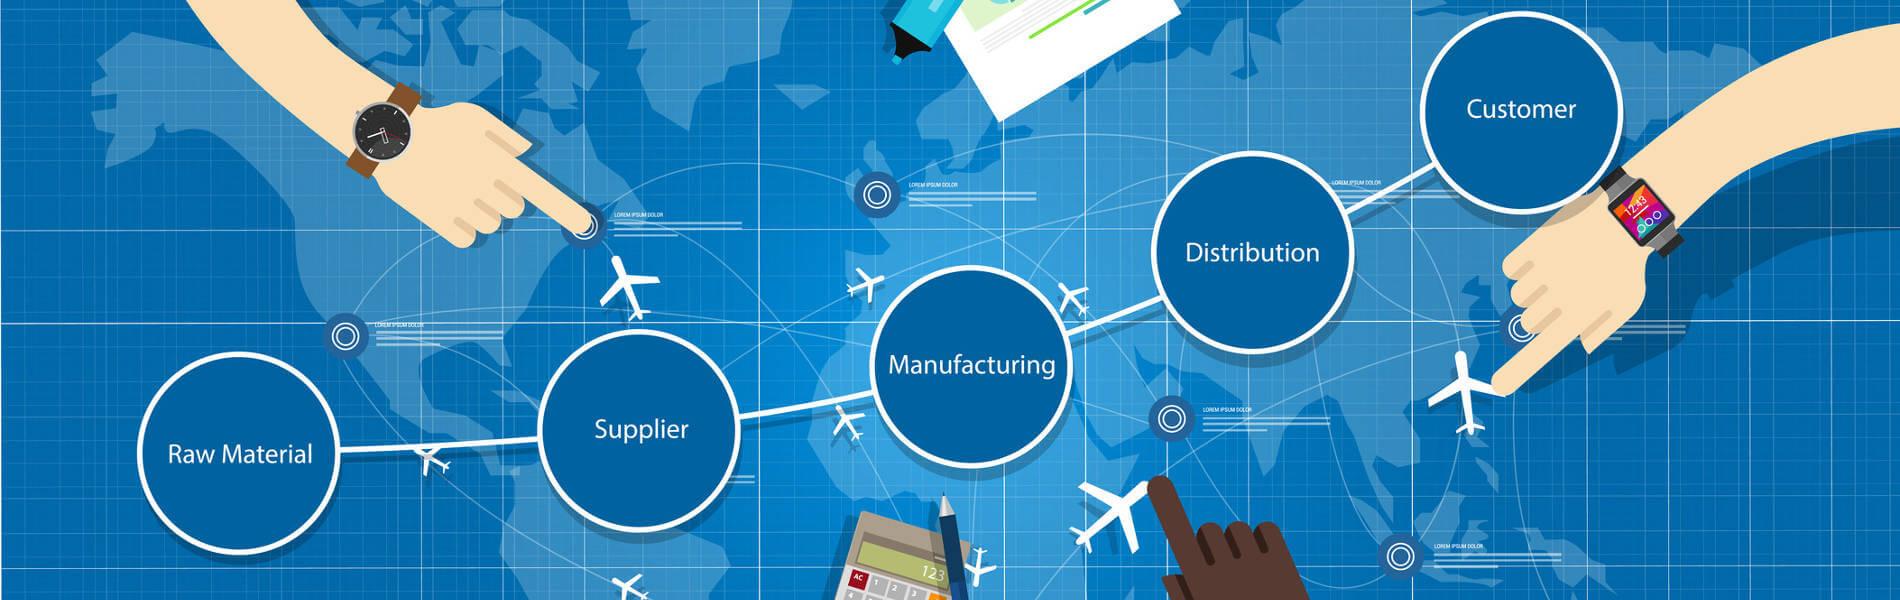 Supply Chain: BVL-Studie untersucht Trends der Wertschöpfungskette